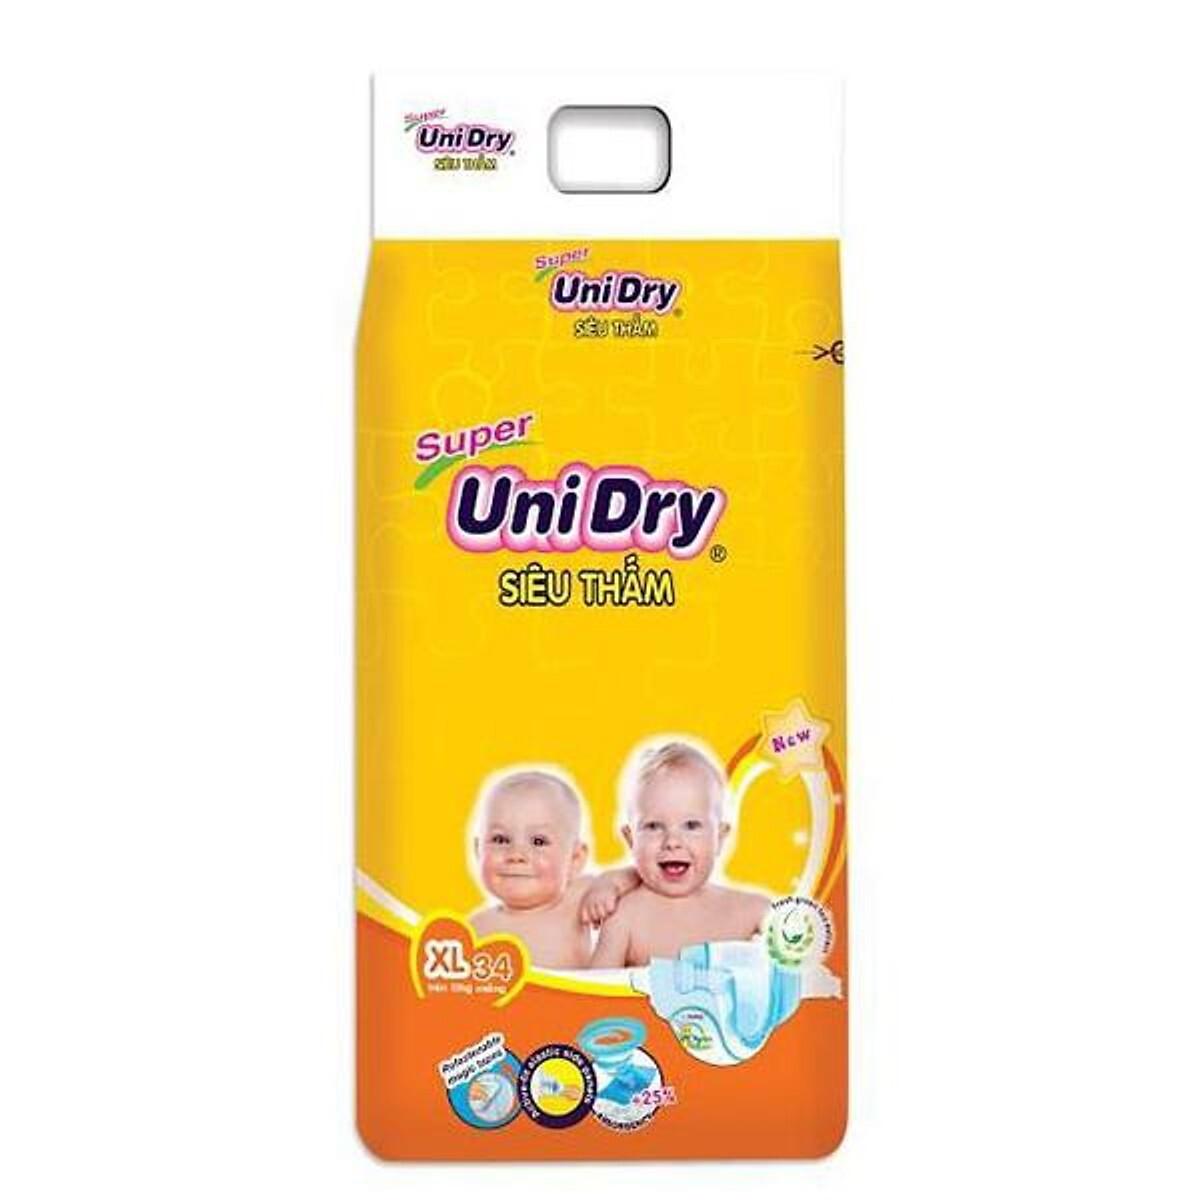 Bỉm - Tã dán Unidry size XL 34 miếng (cho bé